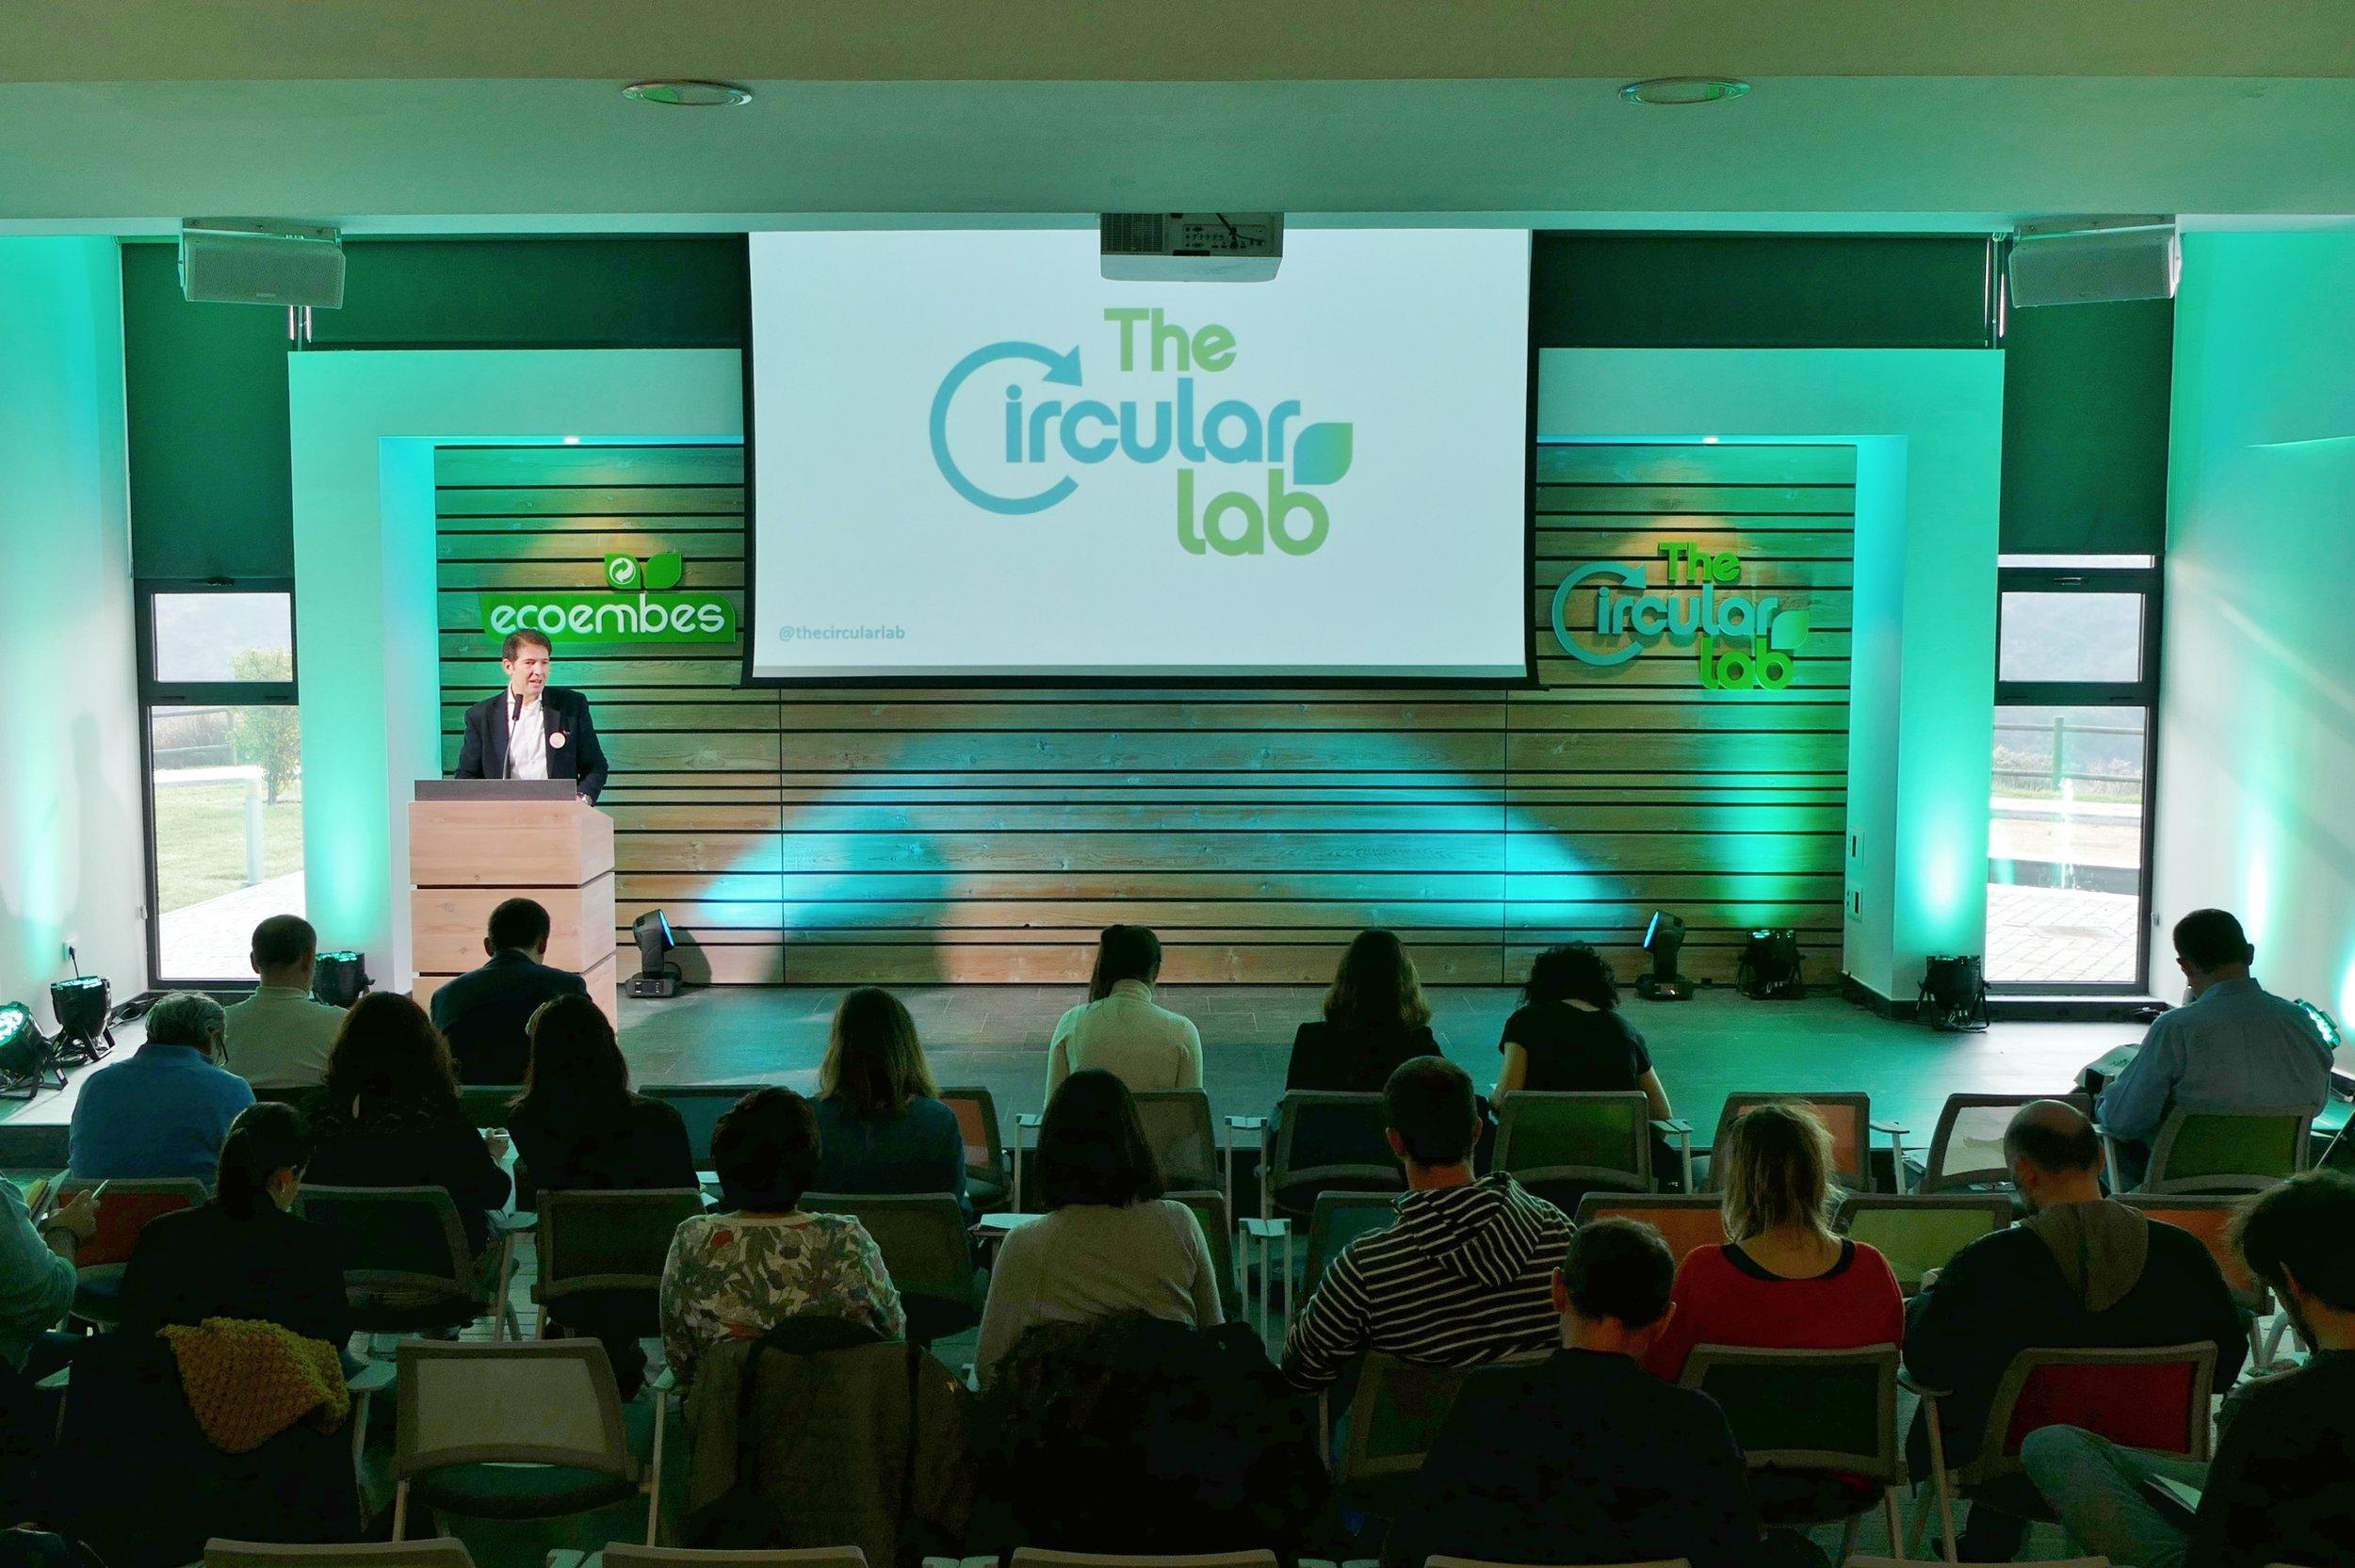 Óscar Martín, Consejero Delegado de Ecoembes, presenta a los medios las actividades de TheCircularLab.